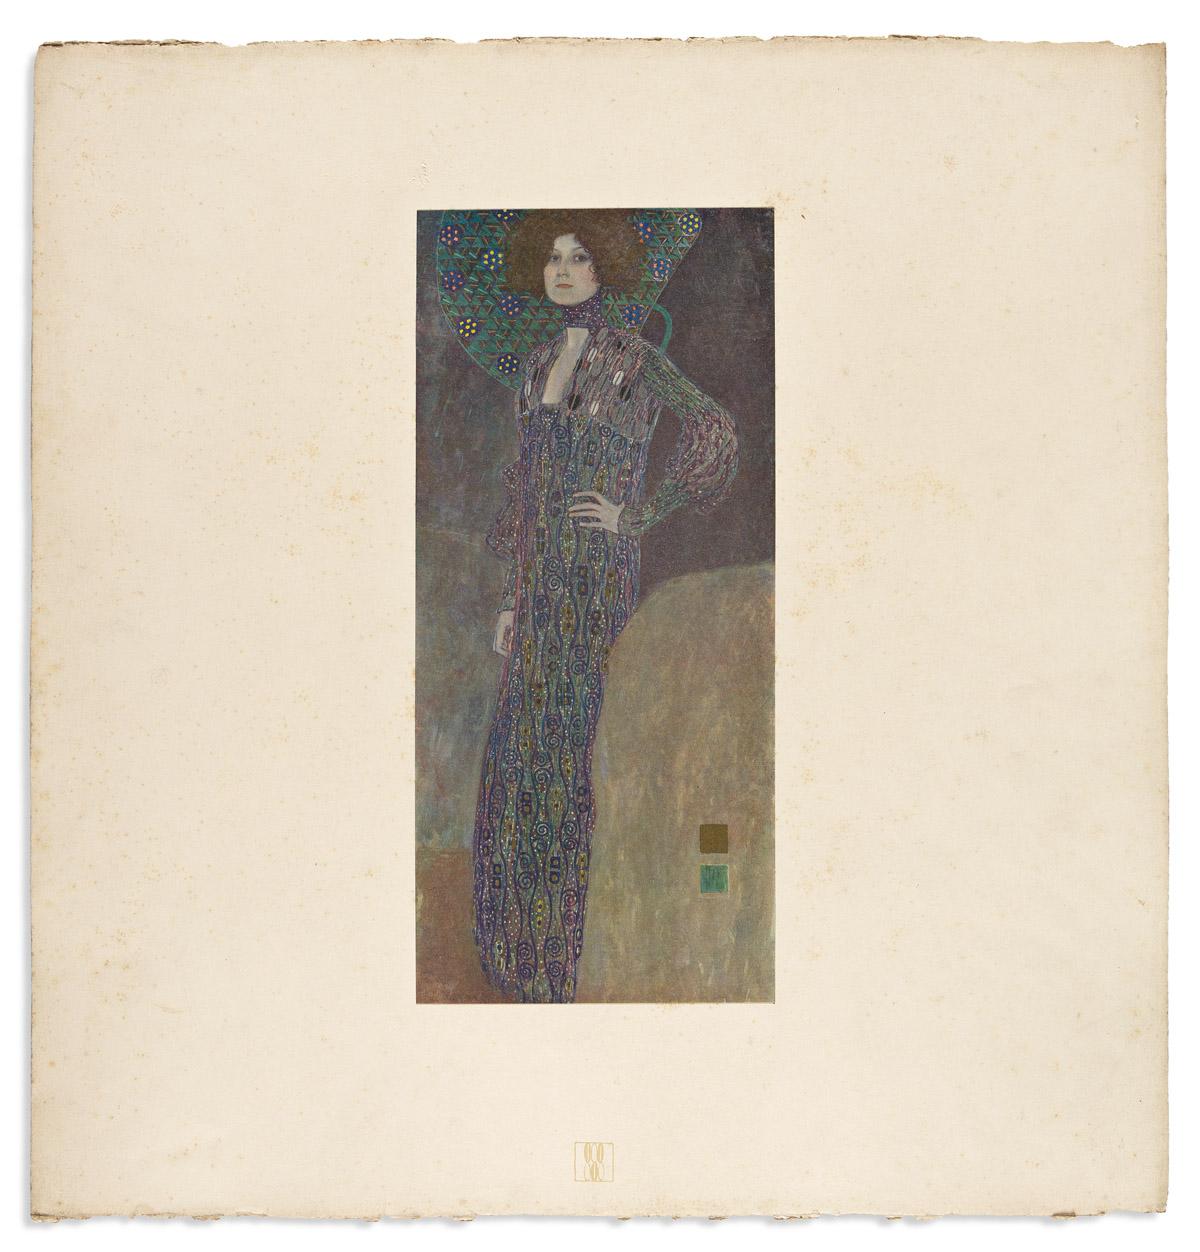 KLIMT, GUSTAV. Das Werk von Gustav Klimt.